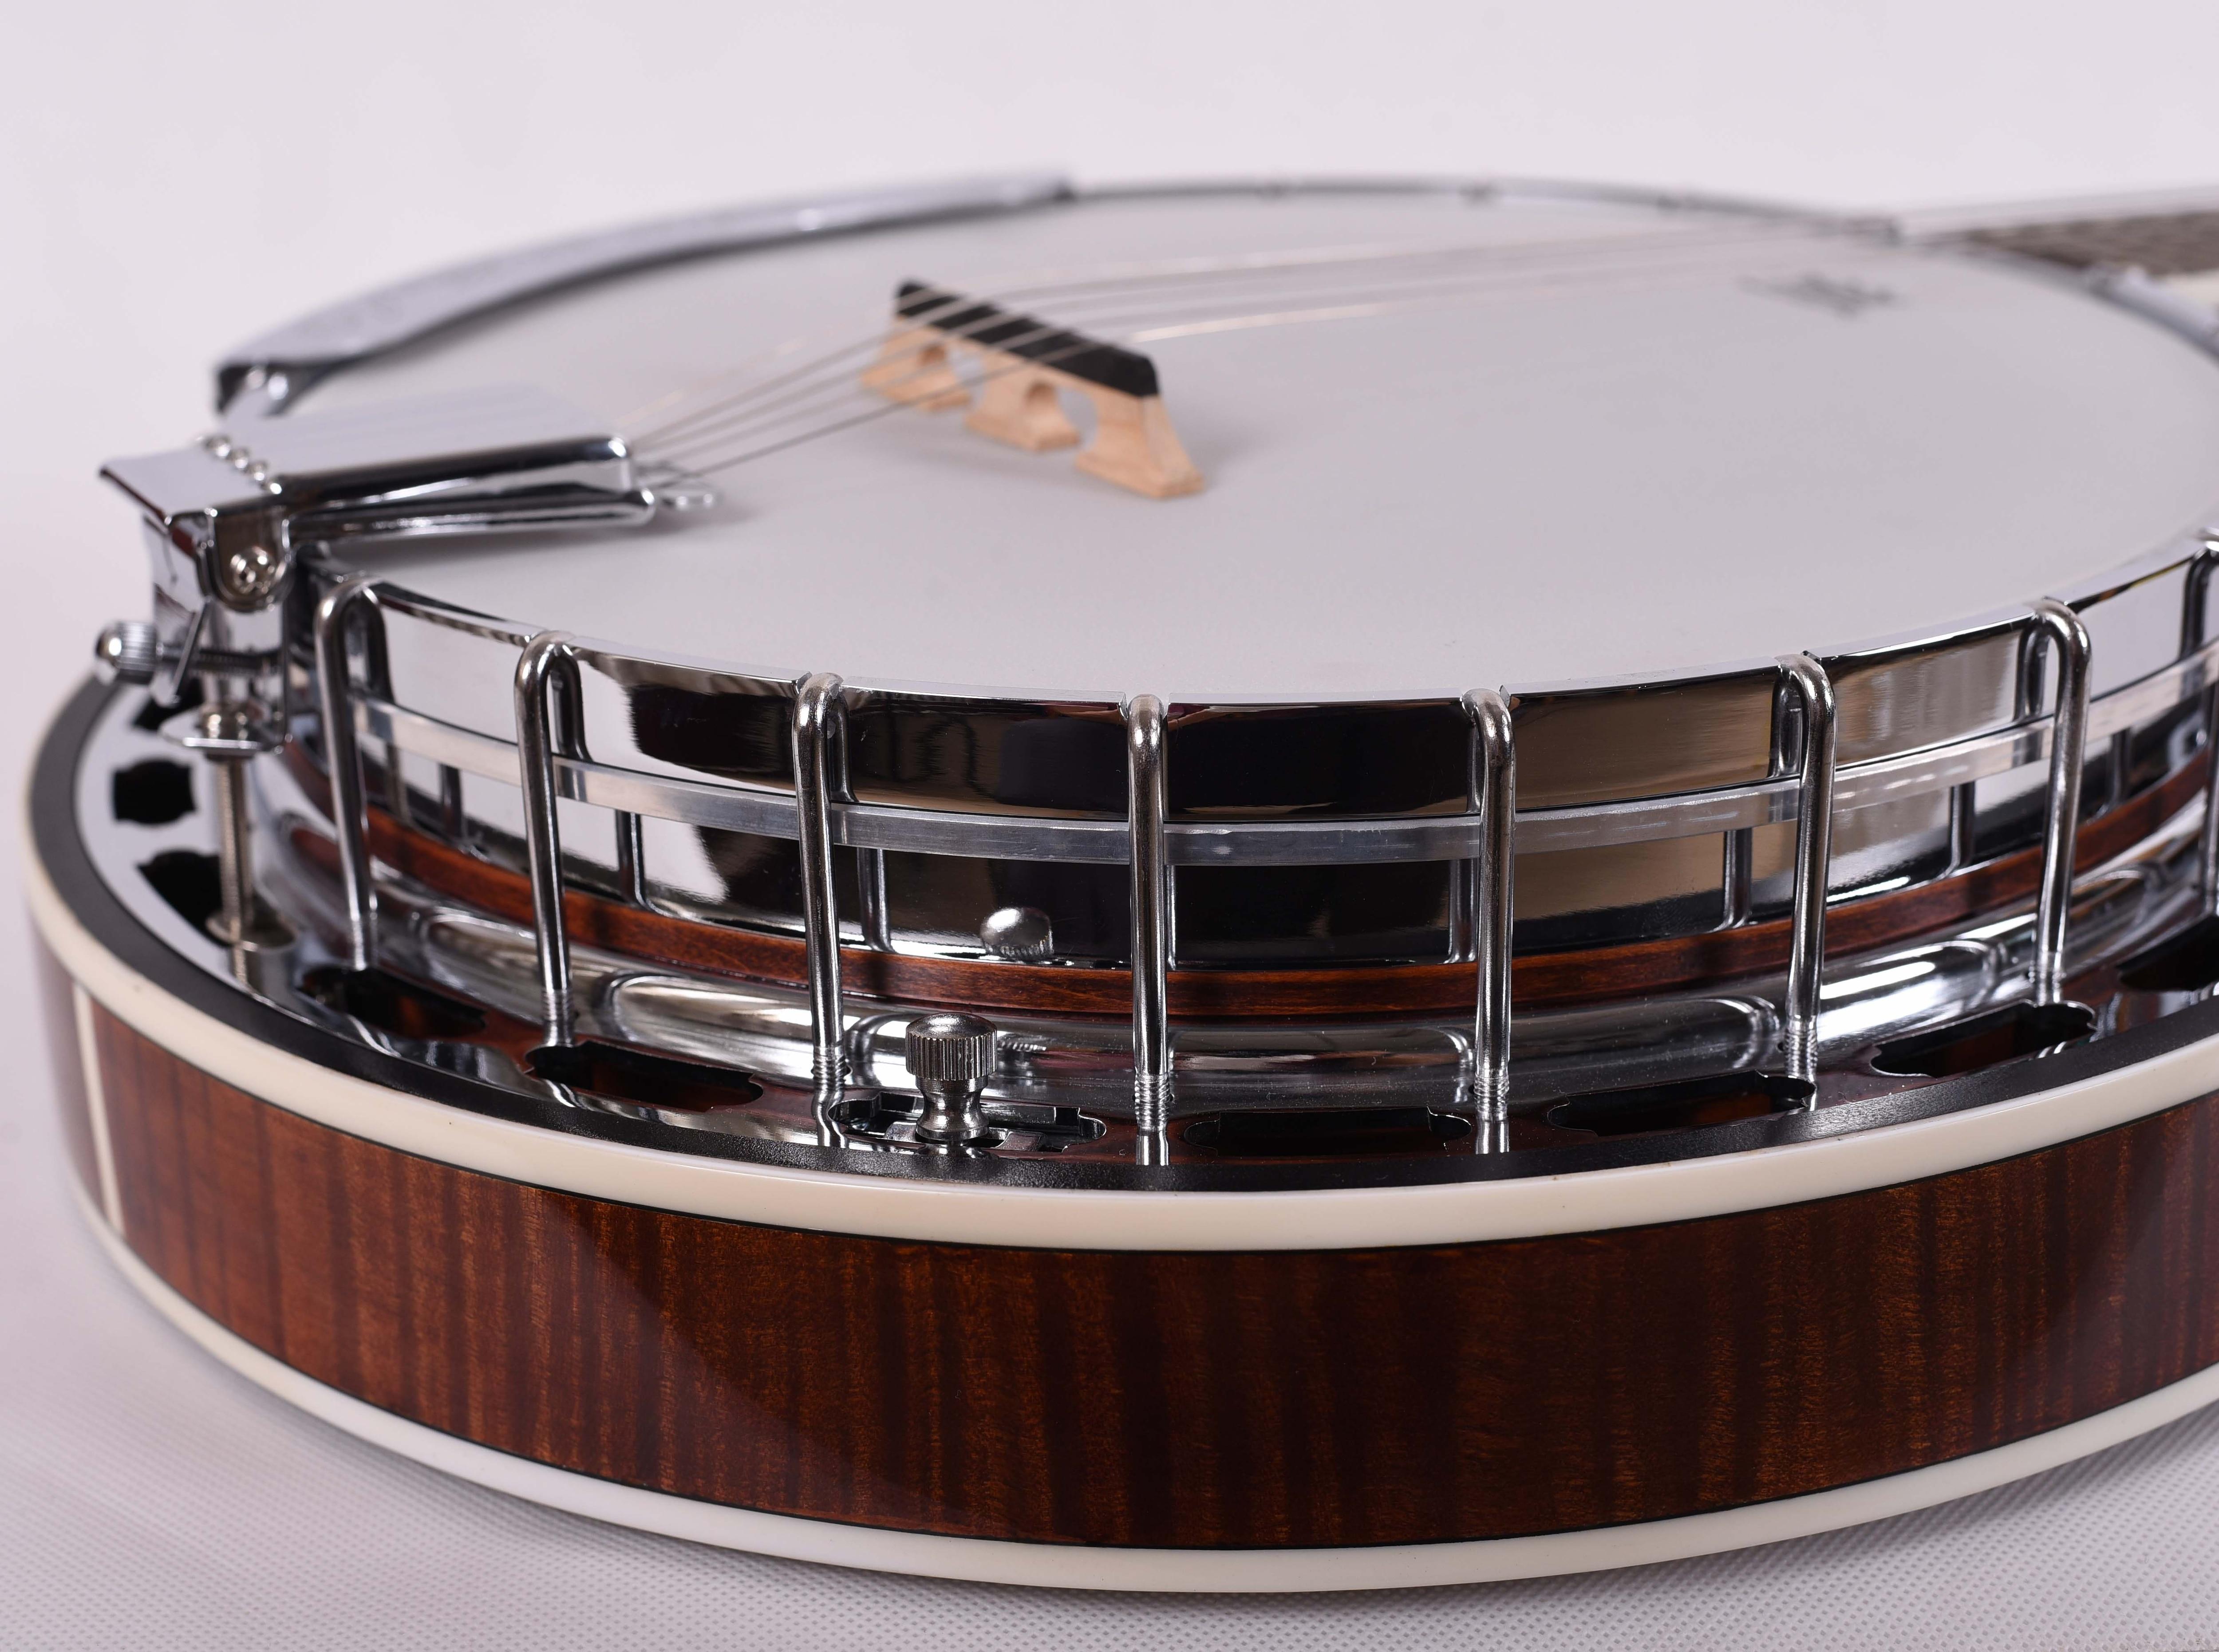 FBJ-26, Feeling 6 strings open white Jade banjo musical instrument